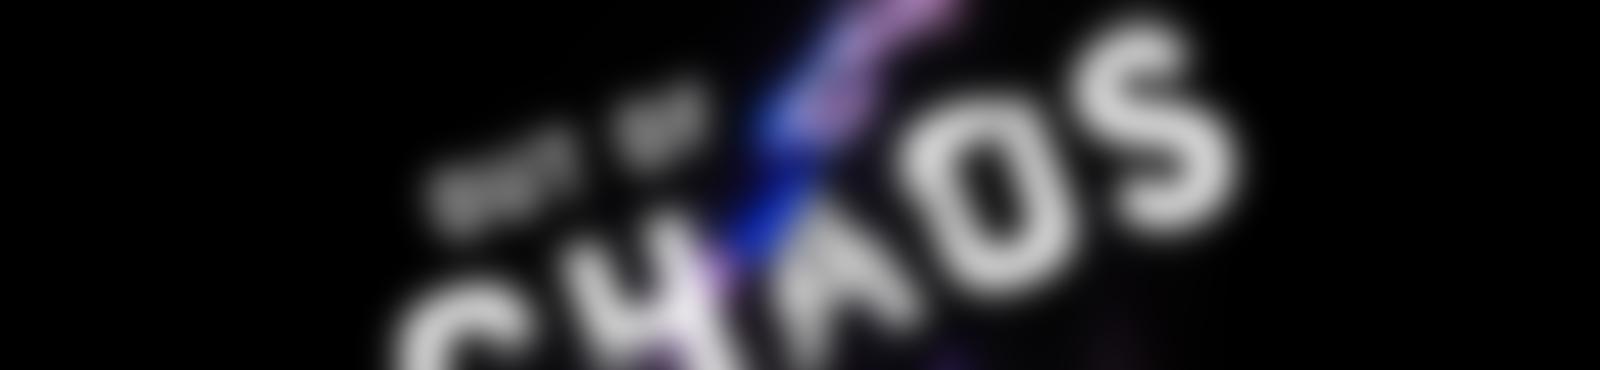 Blurred f15d4424 fa54 4781 a7a6 ba76993fc7f7